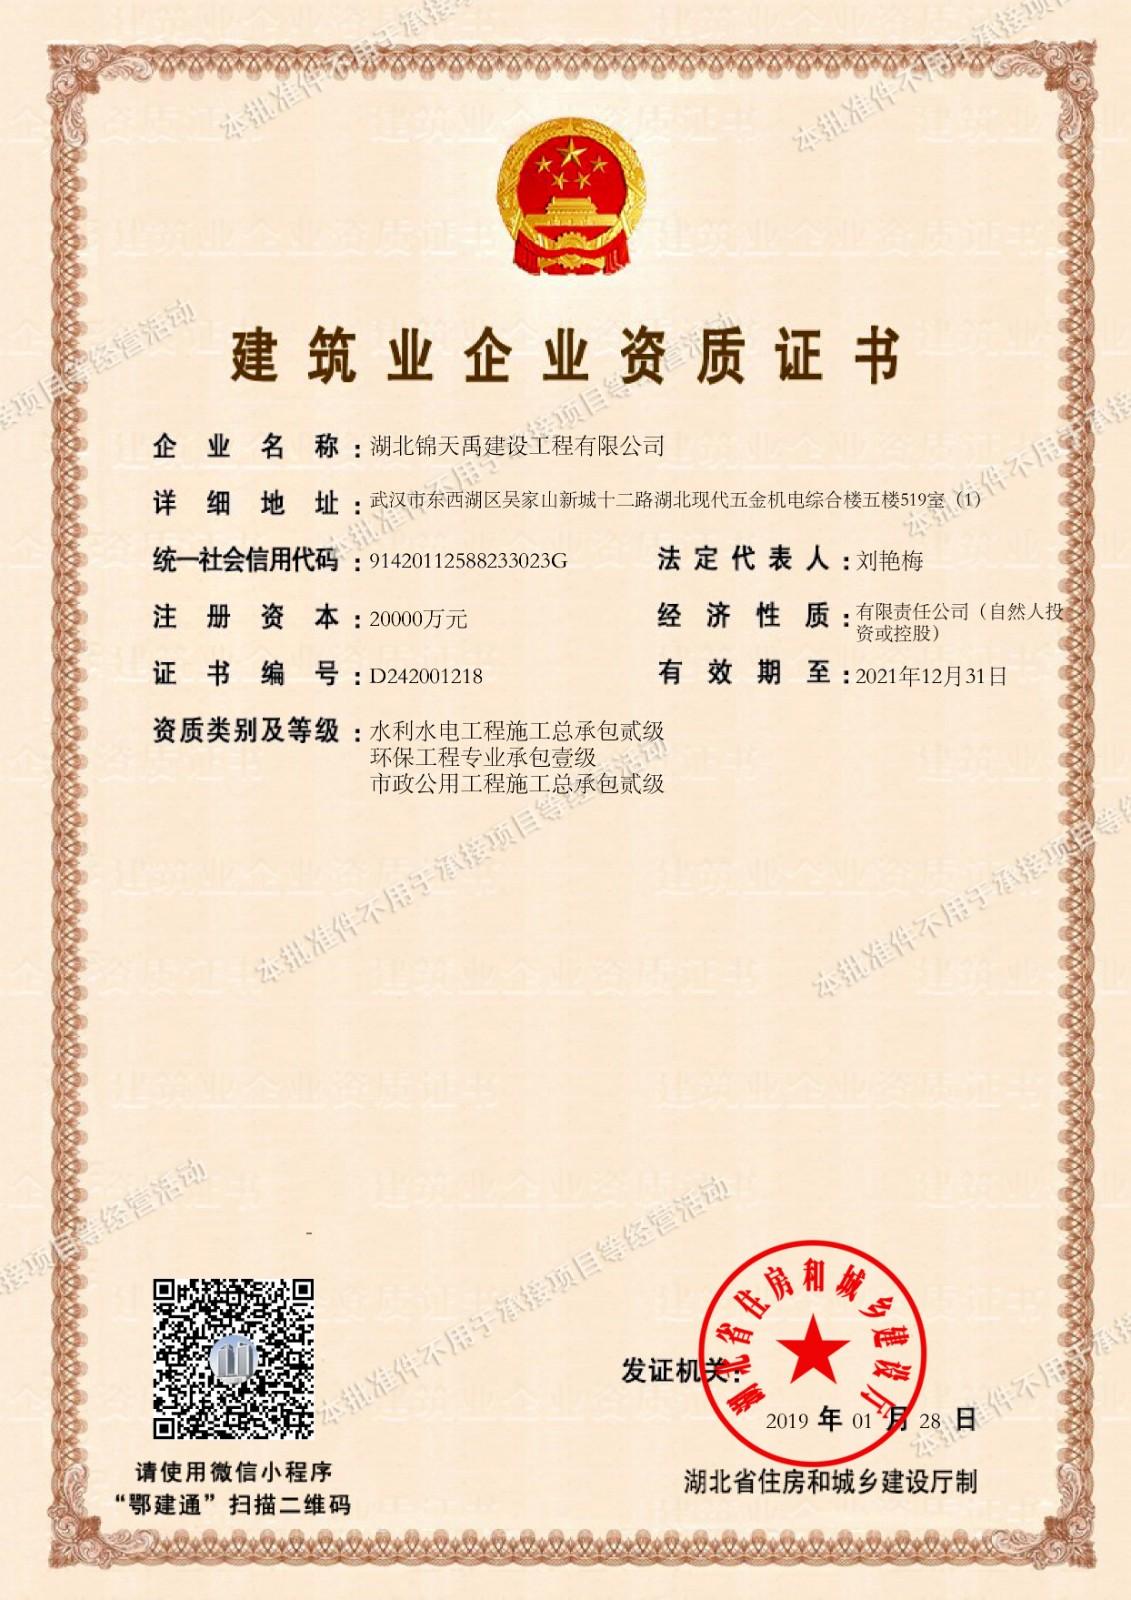 二级资质证书批准件.jpg